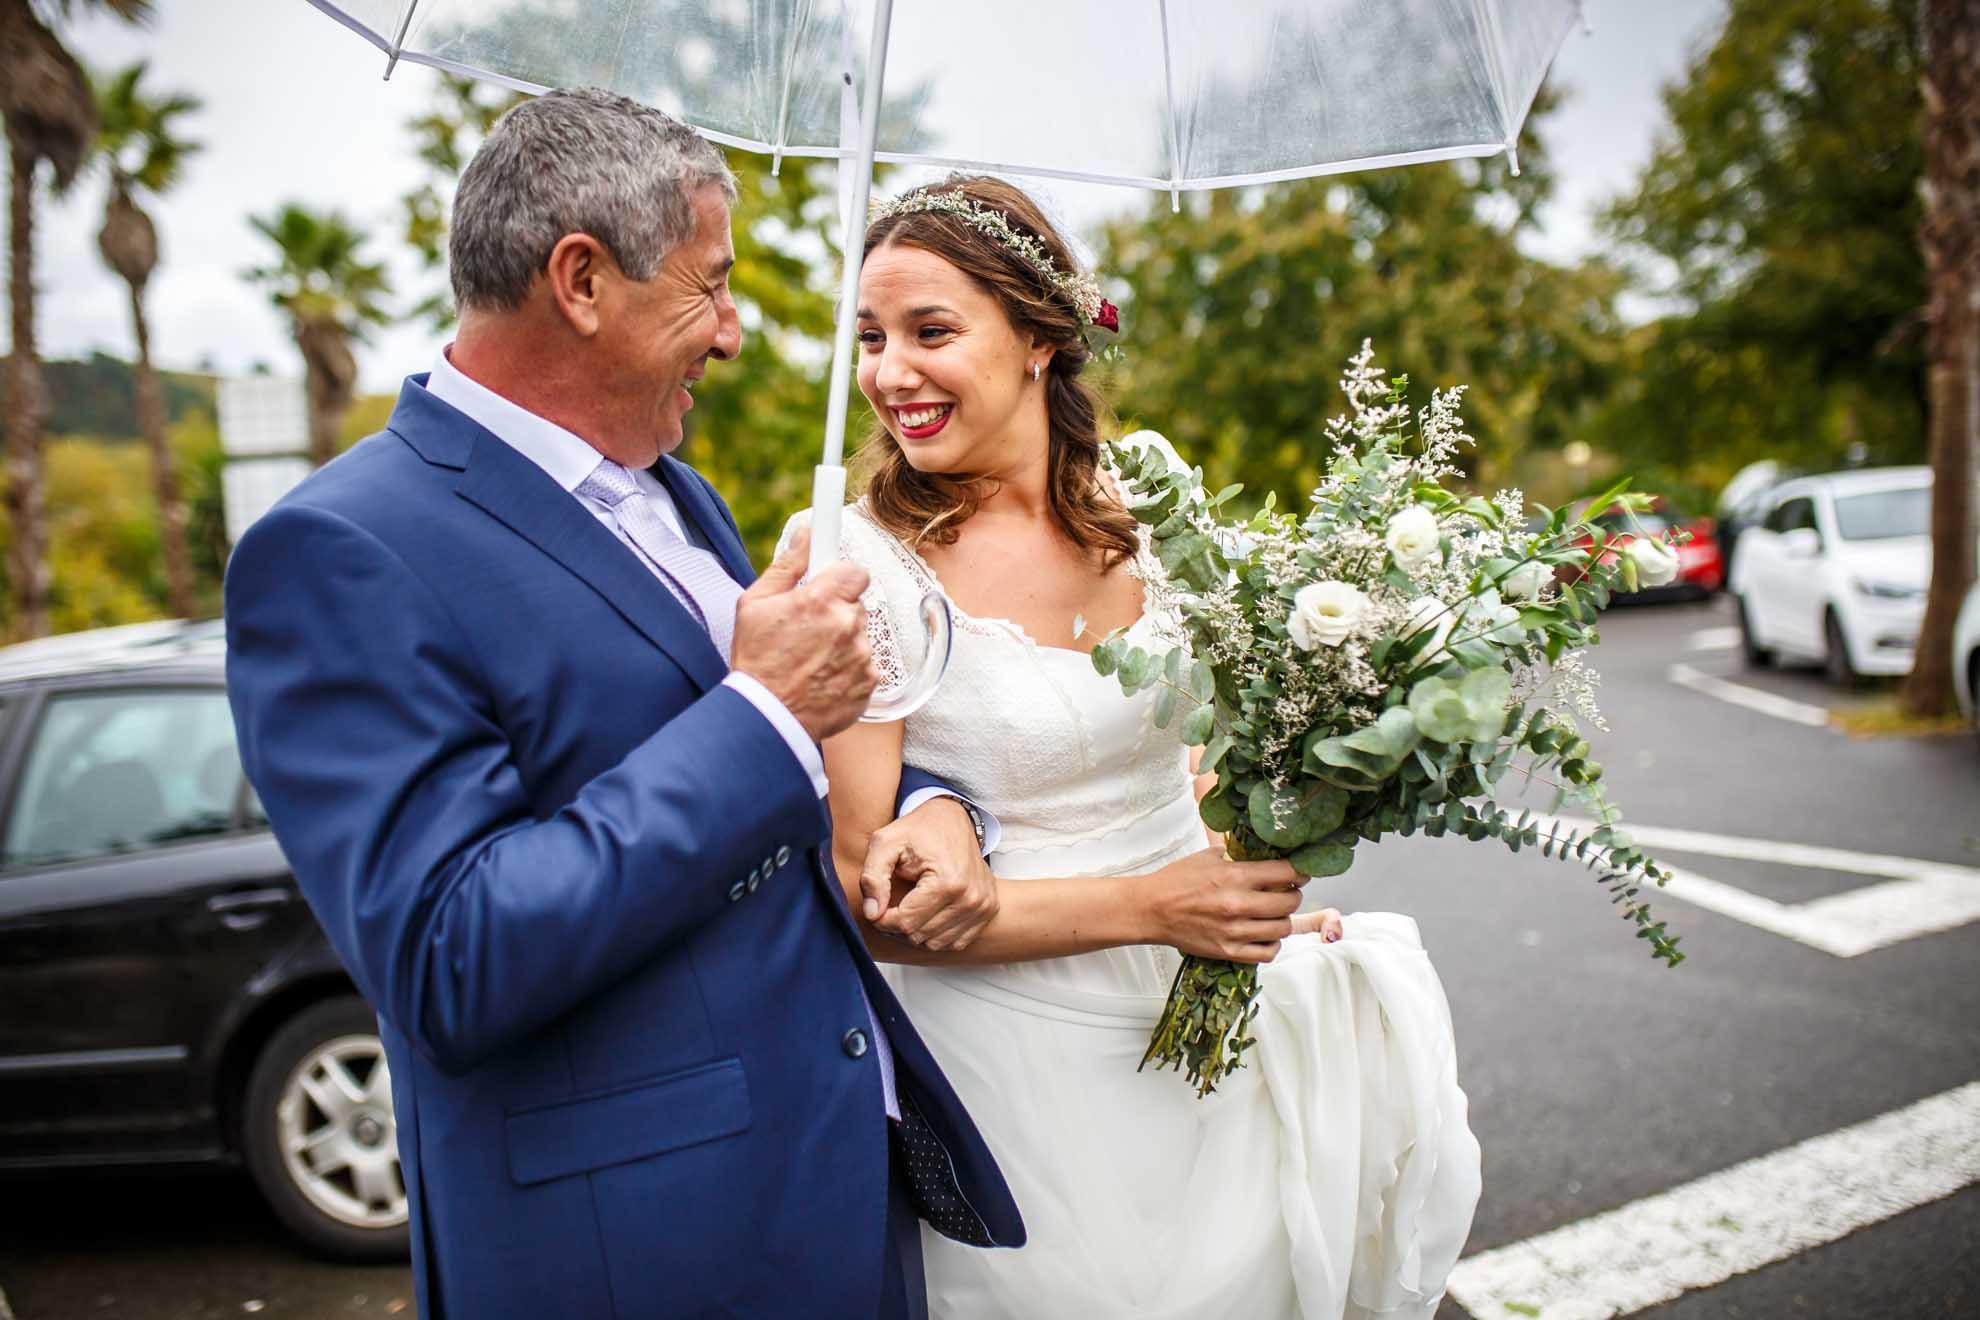 padre e hija mirandose tras salir del coche